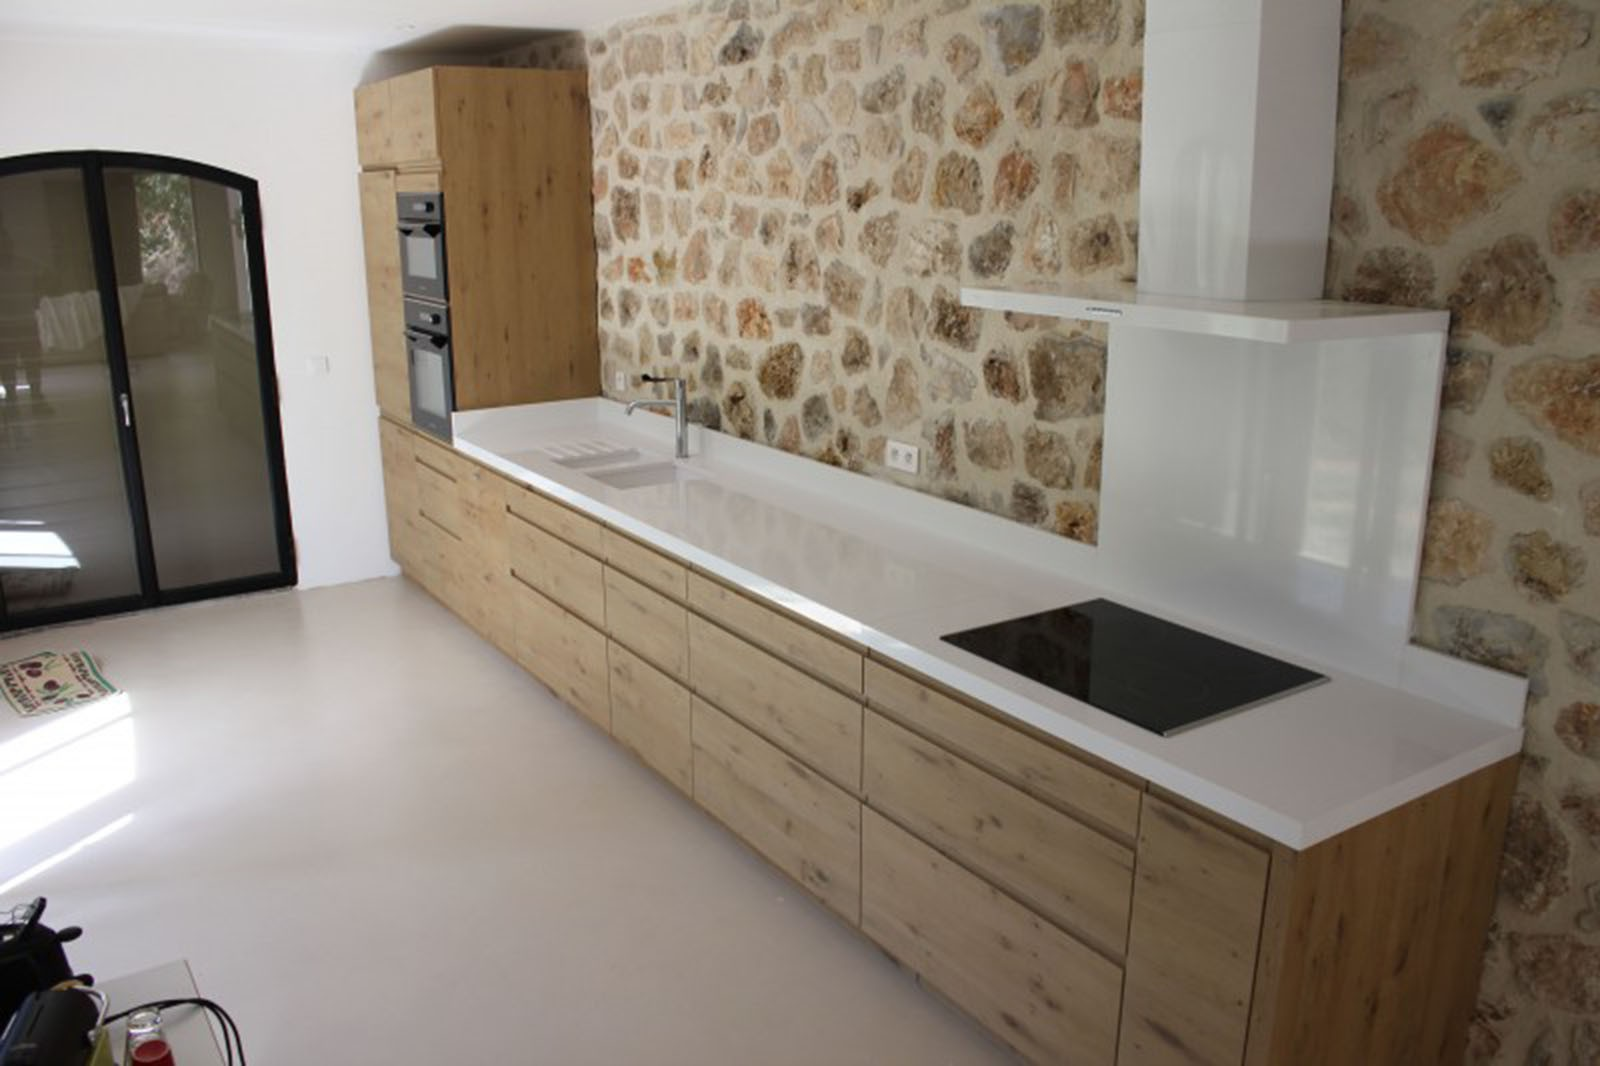 joint carrelage plan de travail bois lille maison. Black Bedroom Furniture Sets. Home Design Ideas